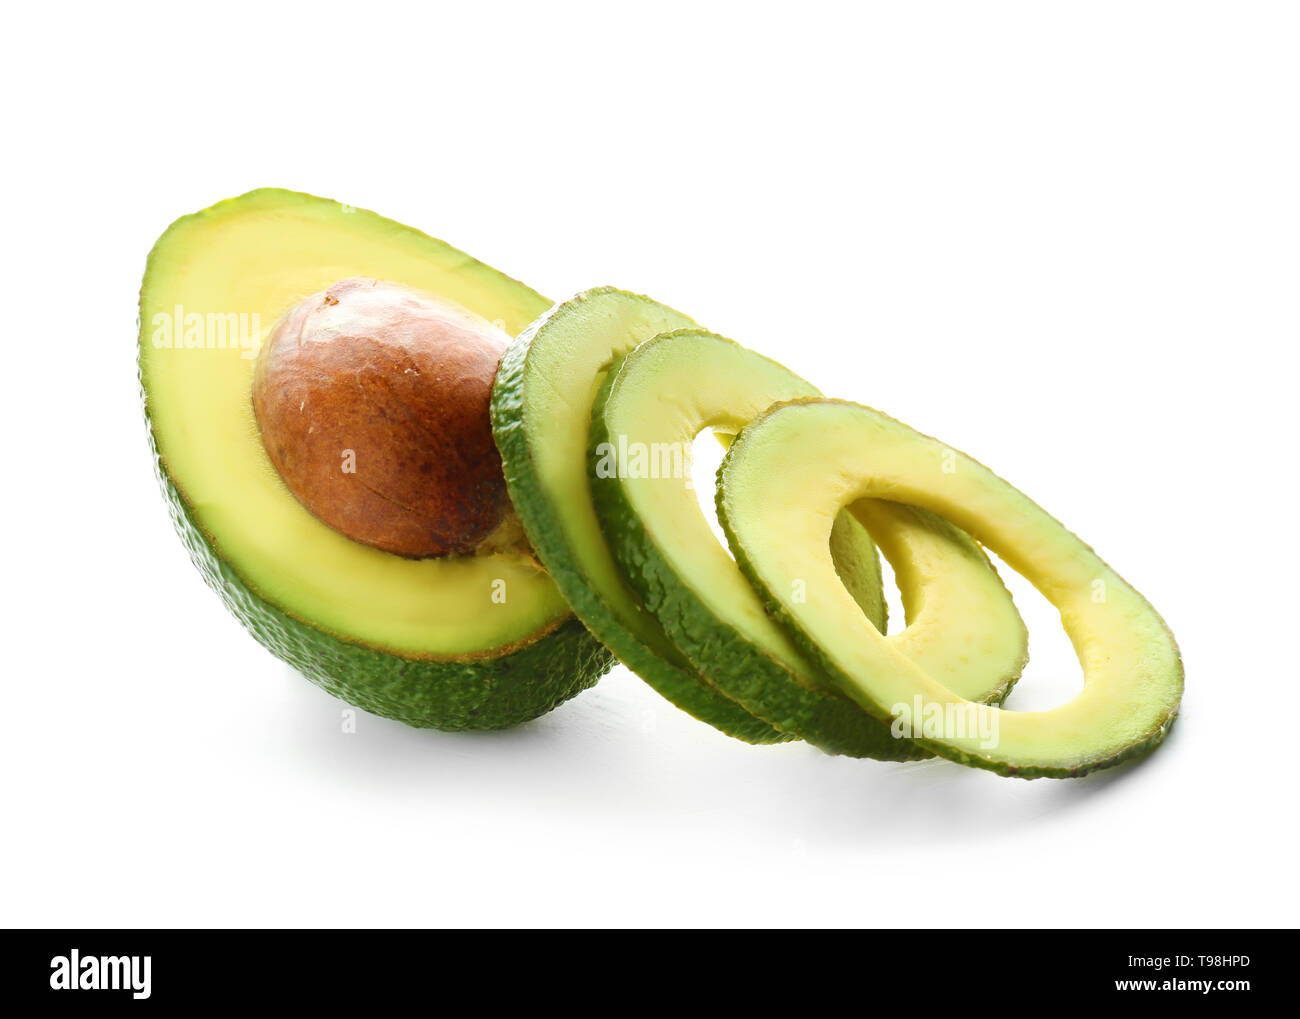 Cut ripe avocado on white background - Stock Image